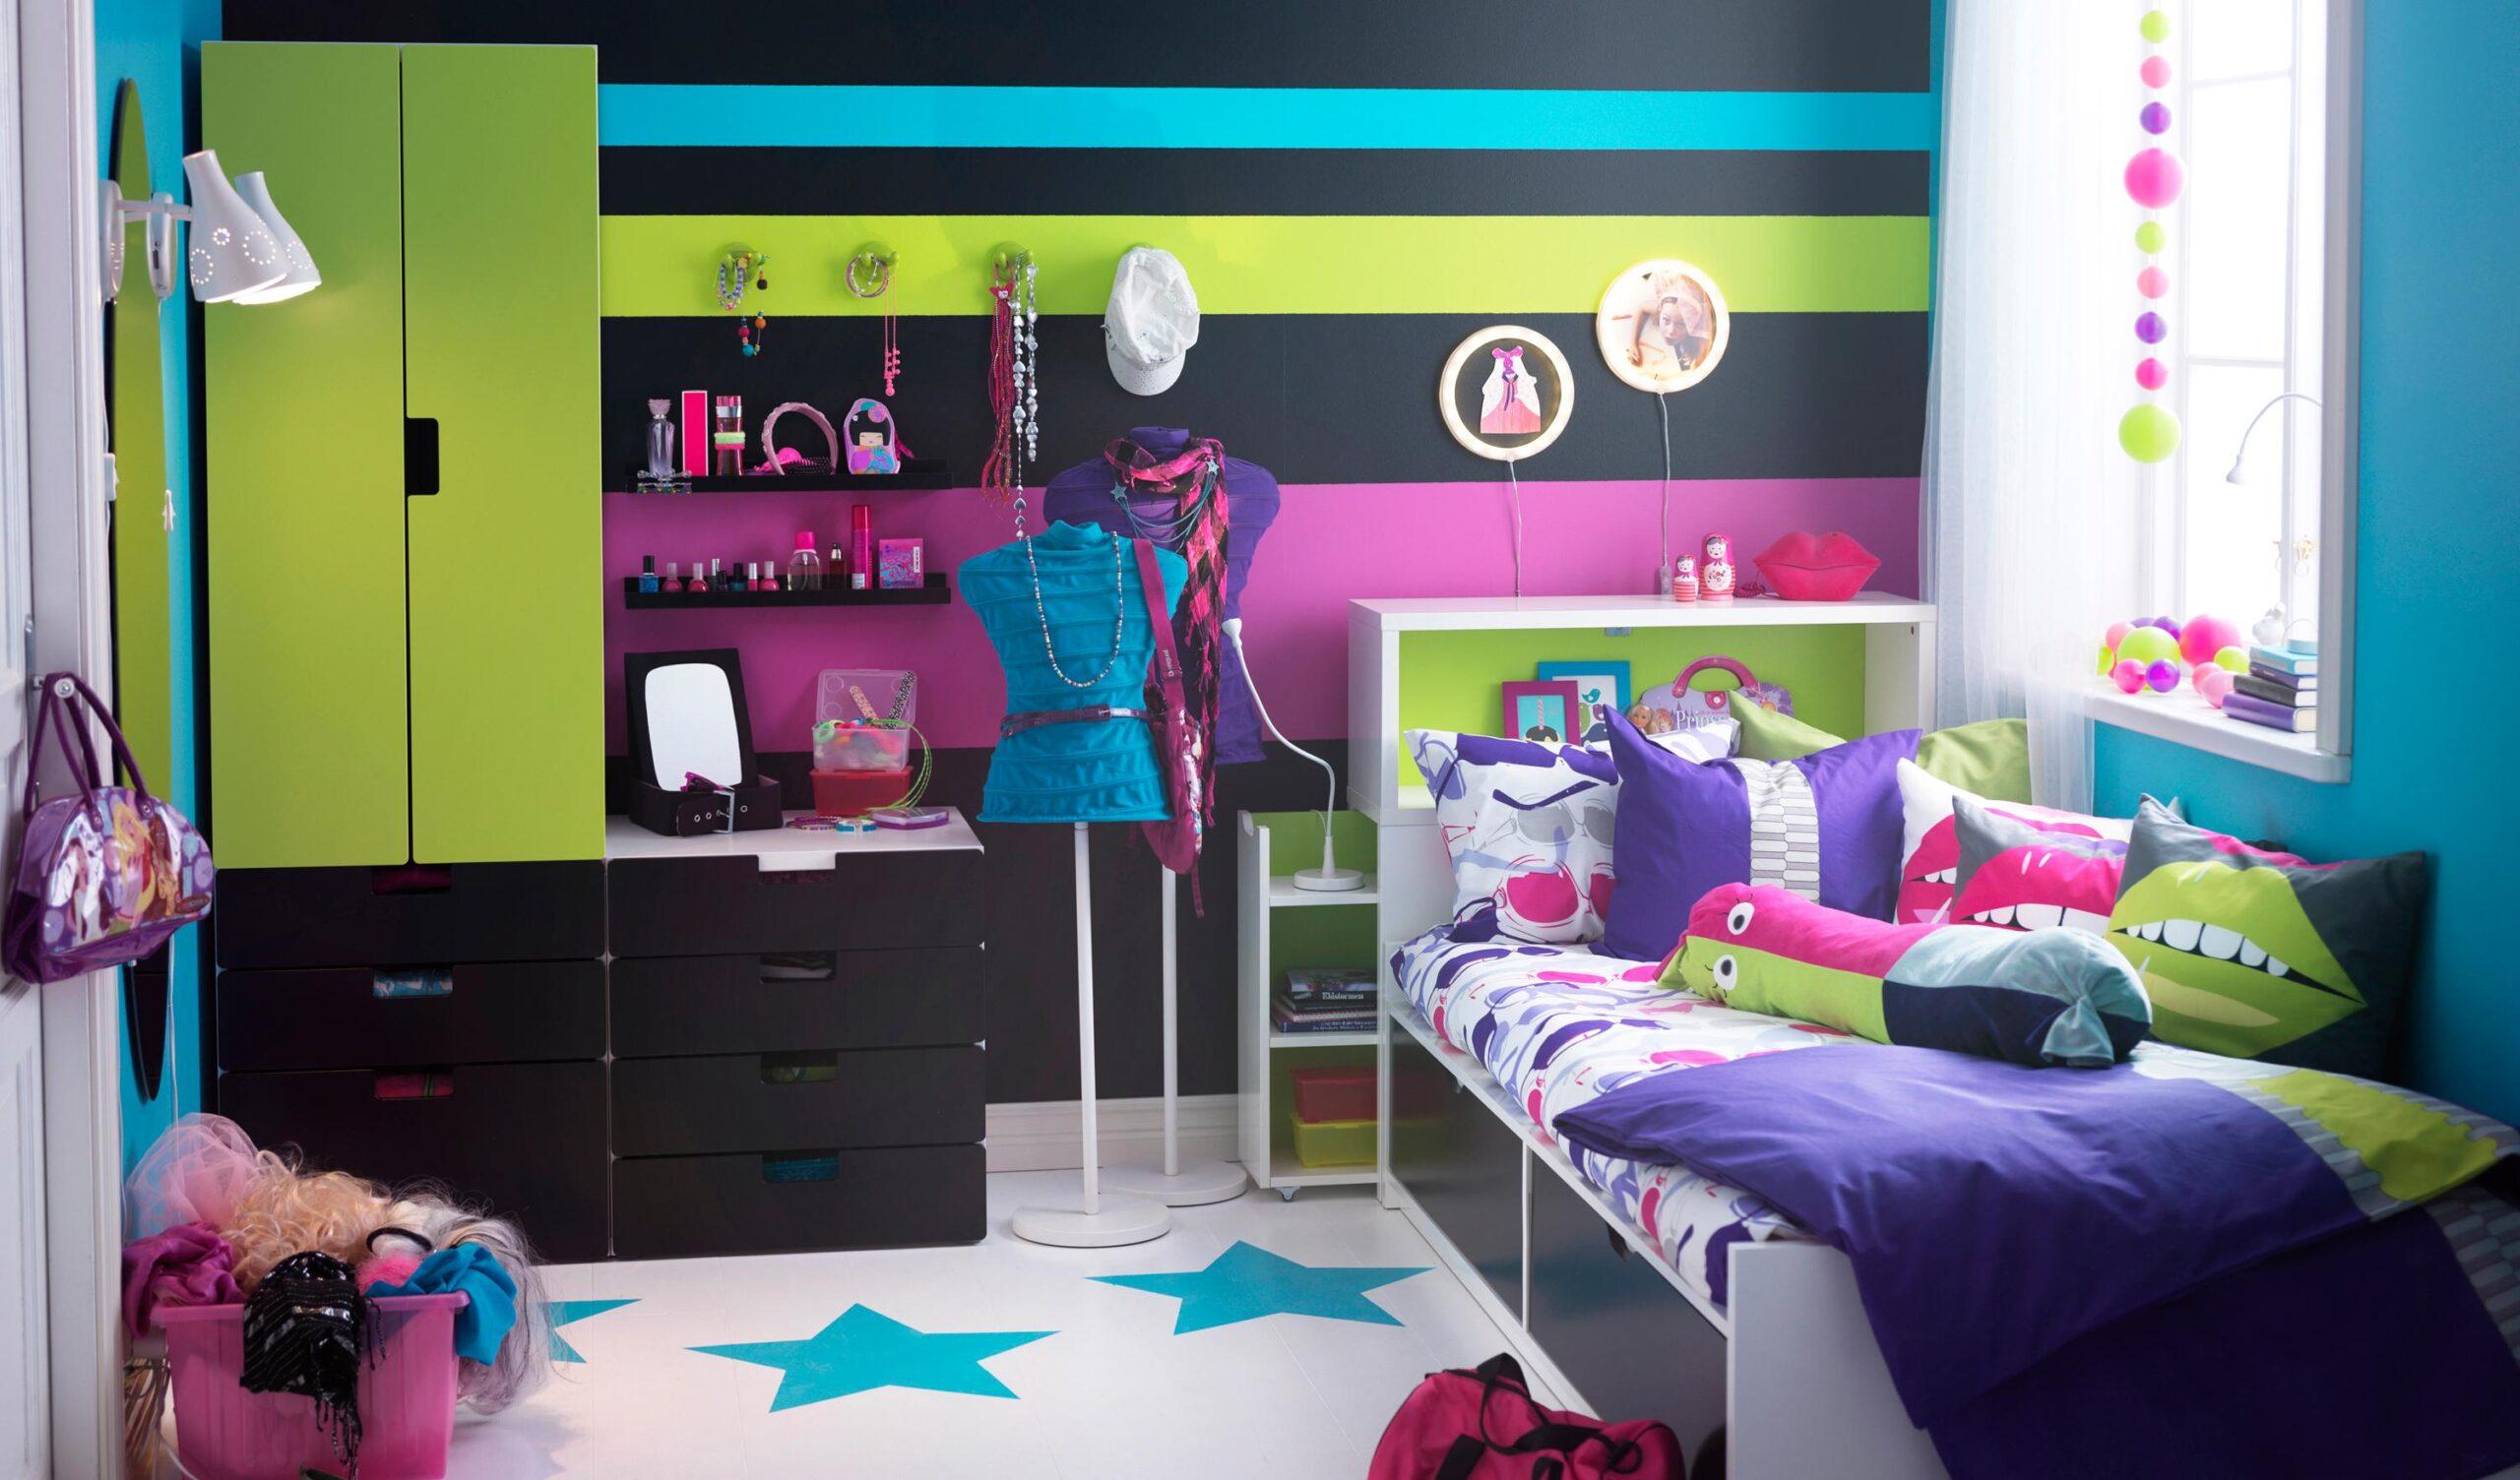 Full Size of Jugendzimmer Ikea In Neonfarben Bett Wandfarbe Wandges Küche Kosten Betten 160x200 Kaufen Bei Modulküche Miniküche Sofa Mit Schlaffunktion Wohnzimmer Jugendzimmer Ikea